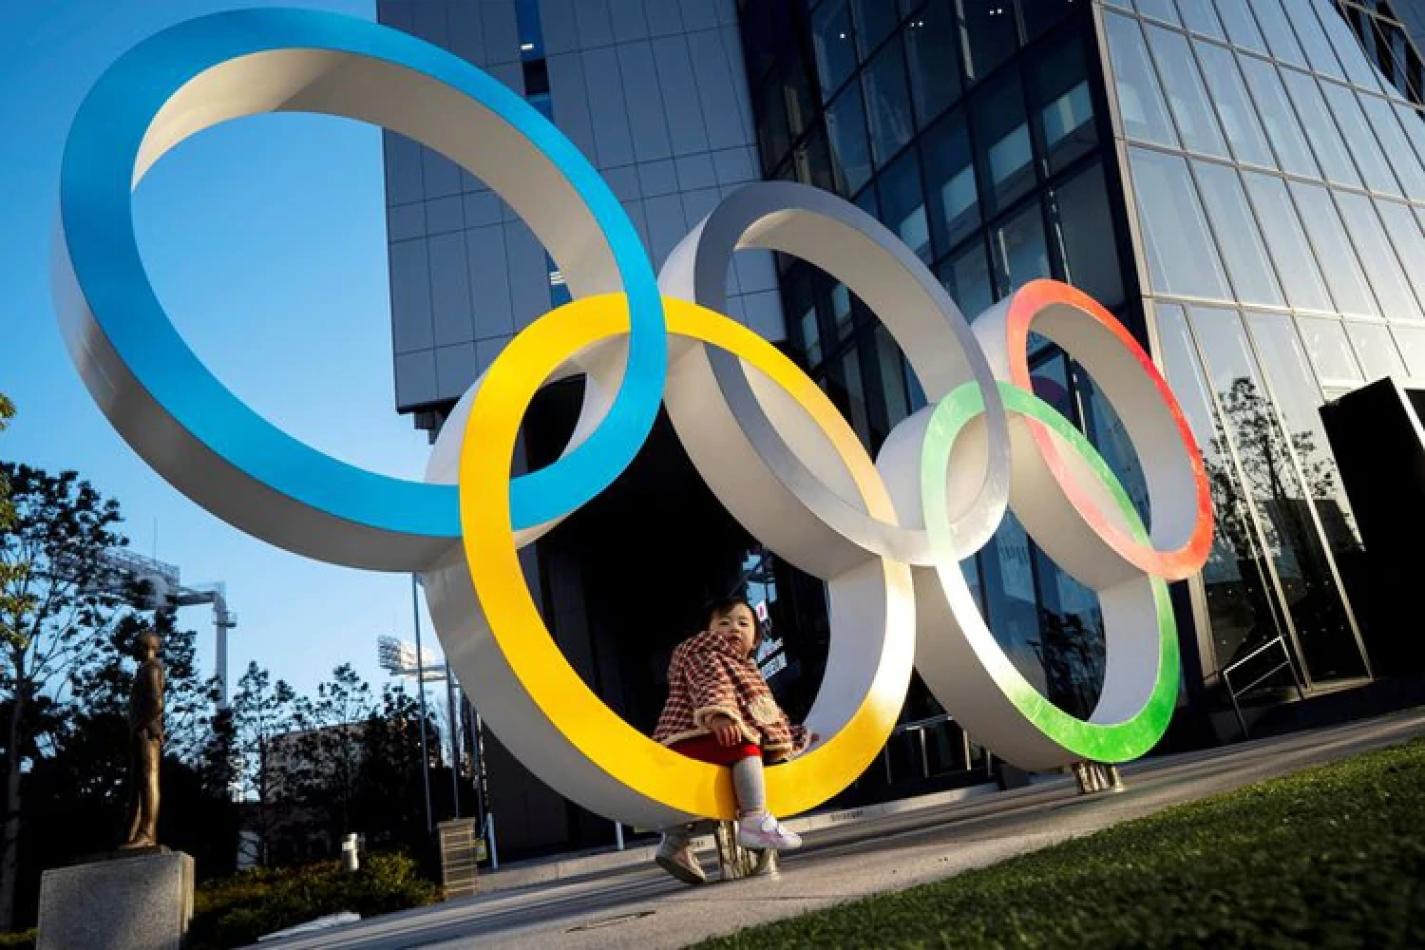 Dos países anunciaron su retiro de los Juegos Olímpicos de Tokio 2020